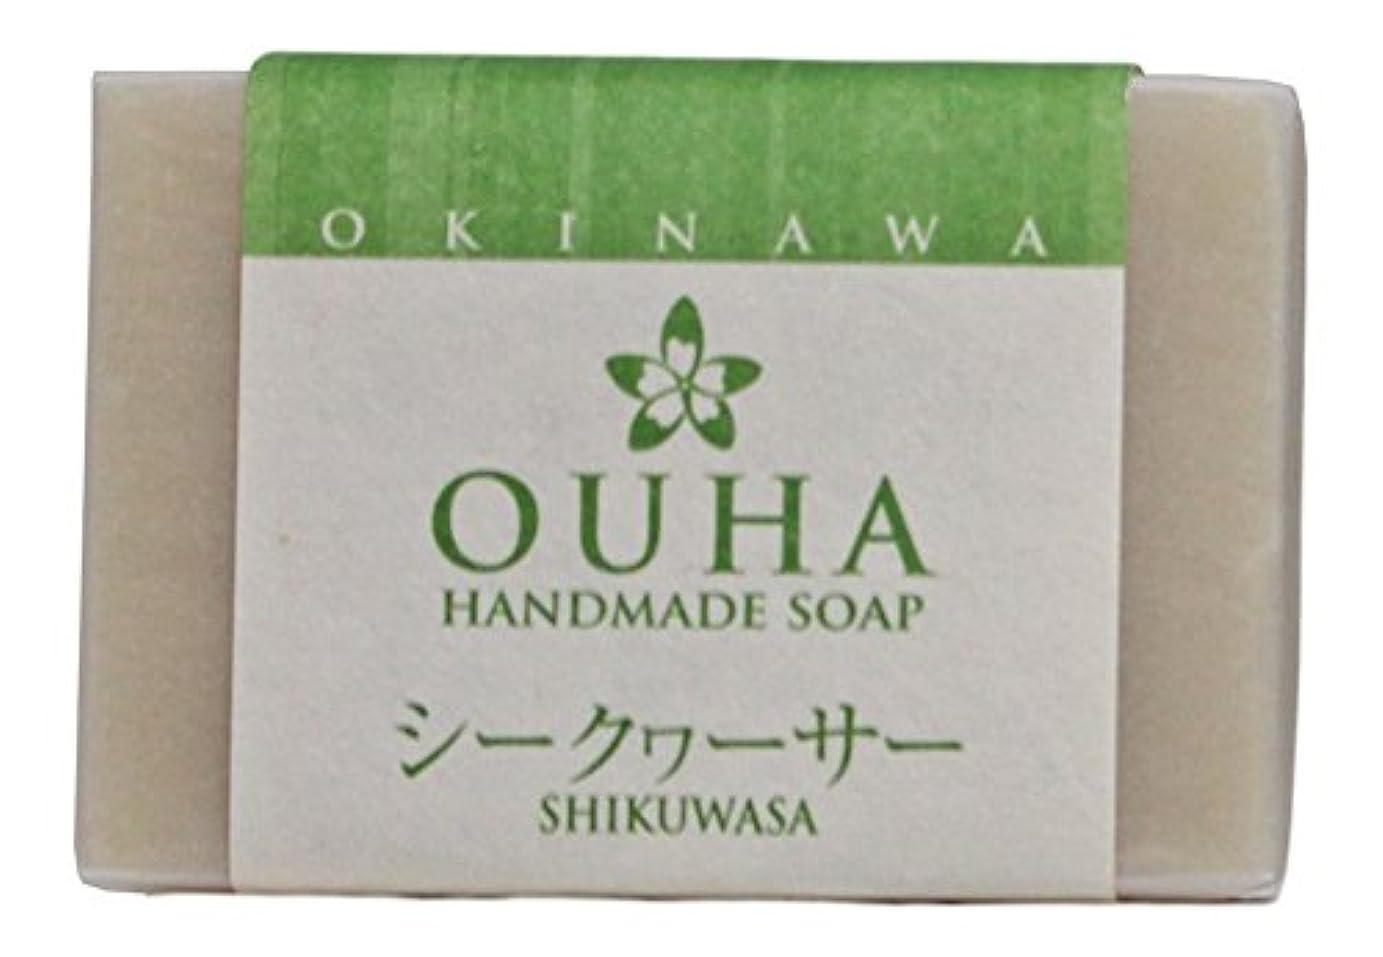 塩辛い意義正しく沖縄手作り洗顔せっけん OUHAソープ シークヮーサー 47g